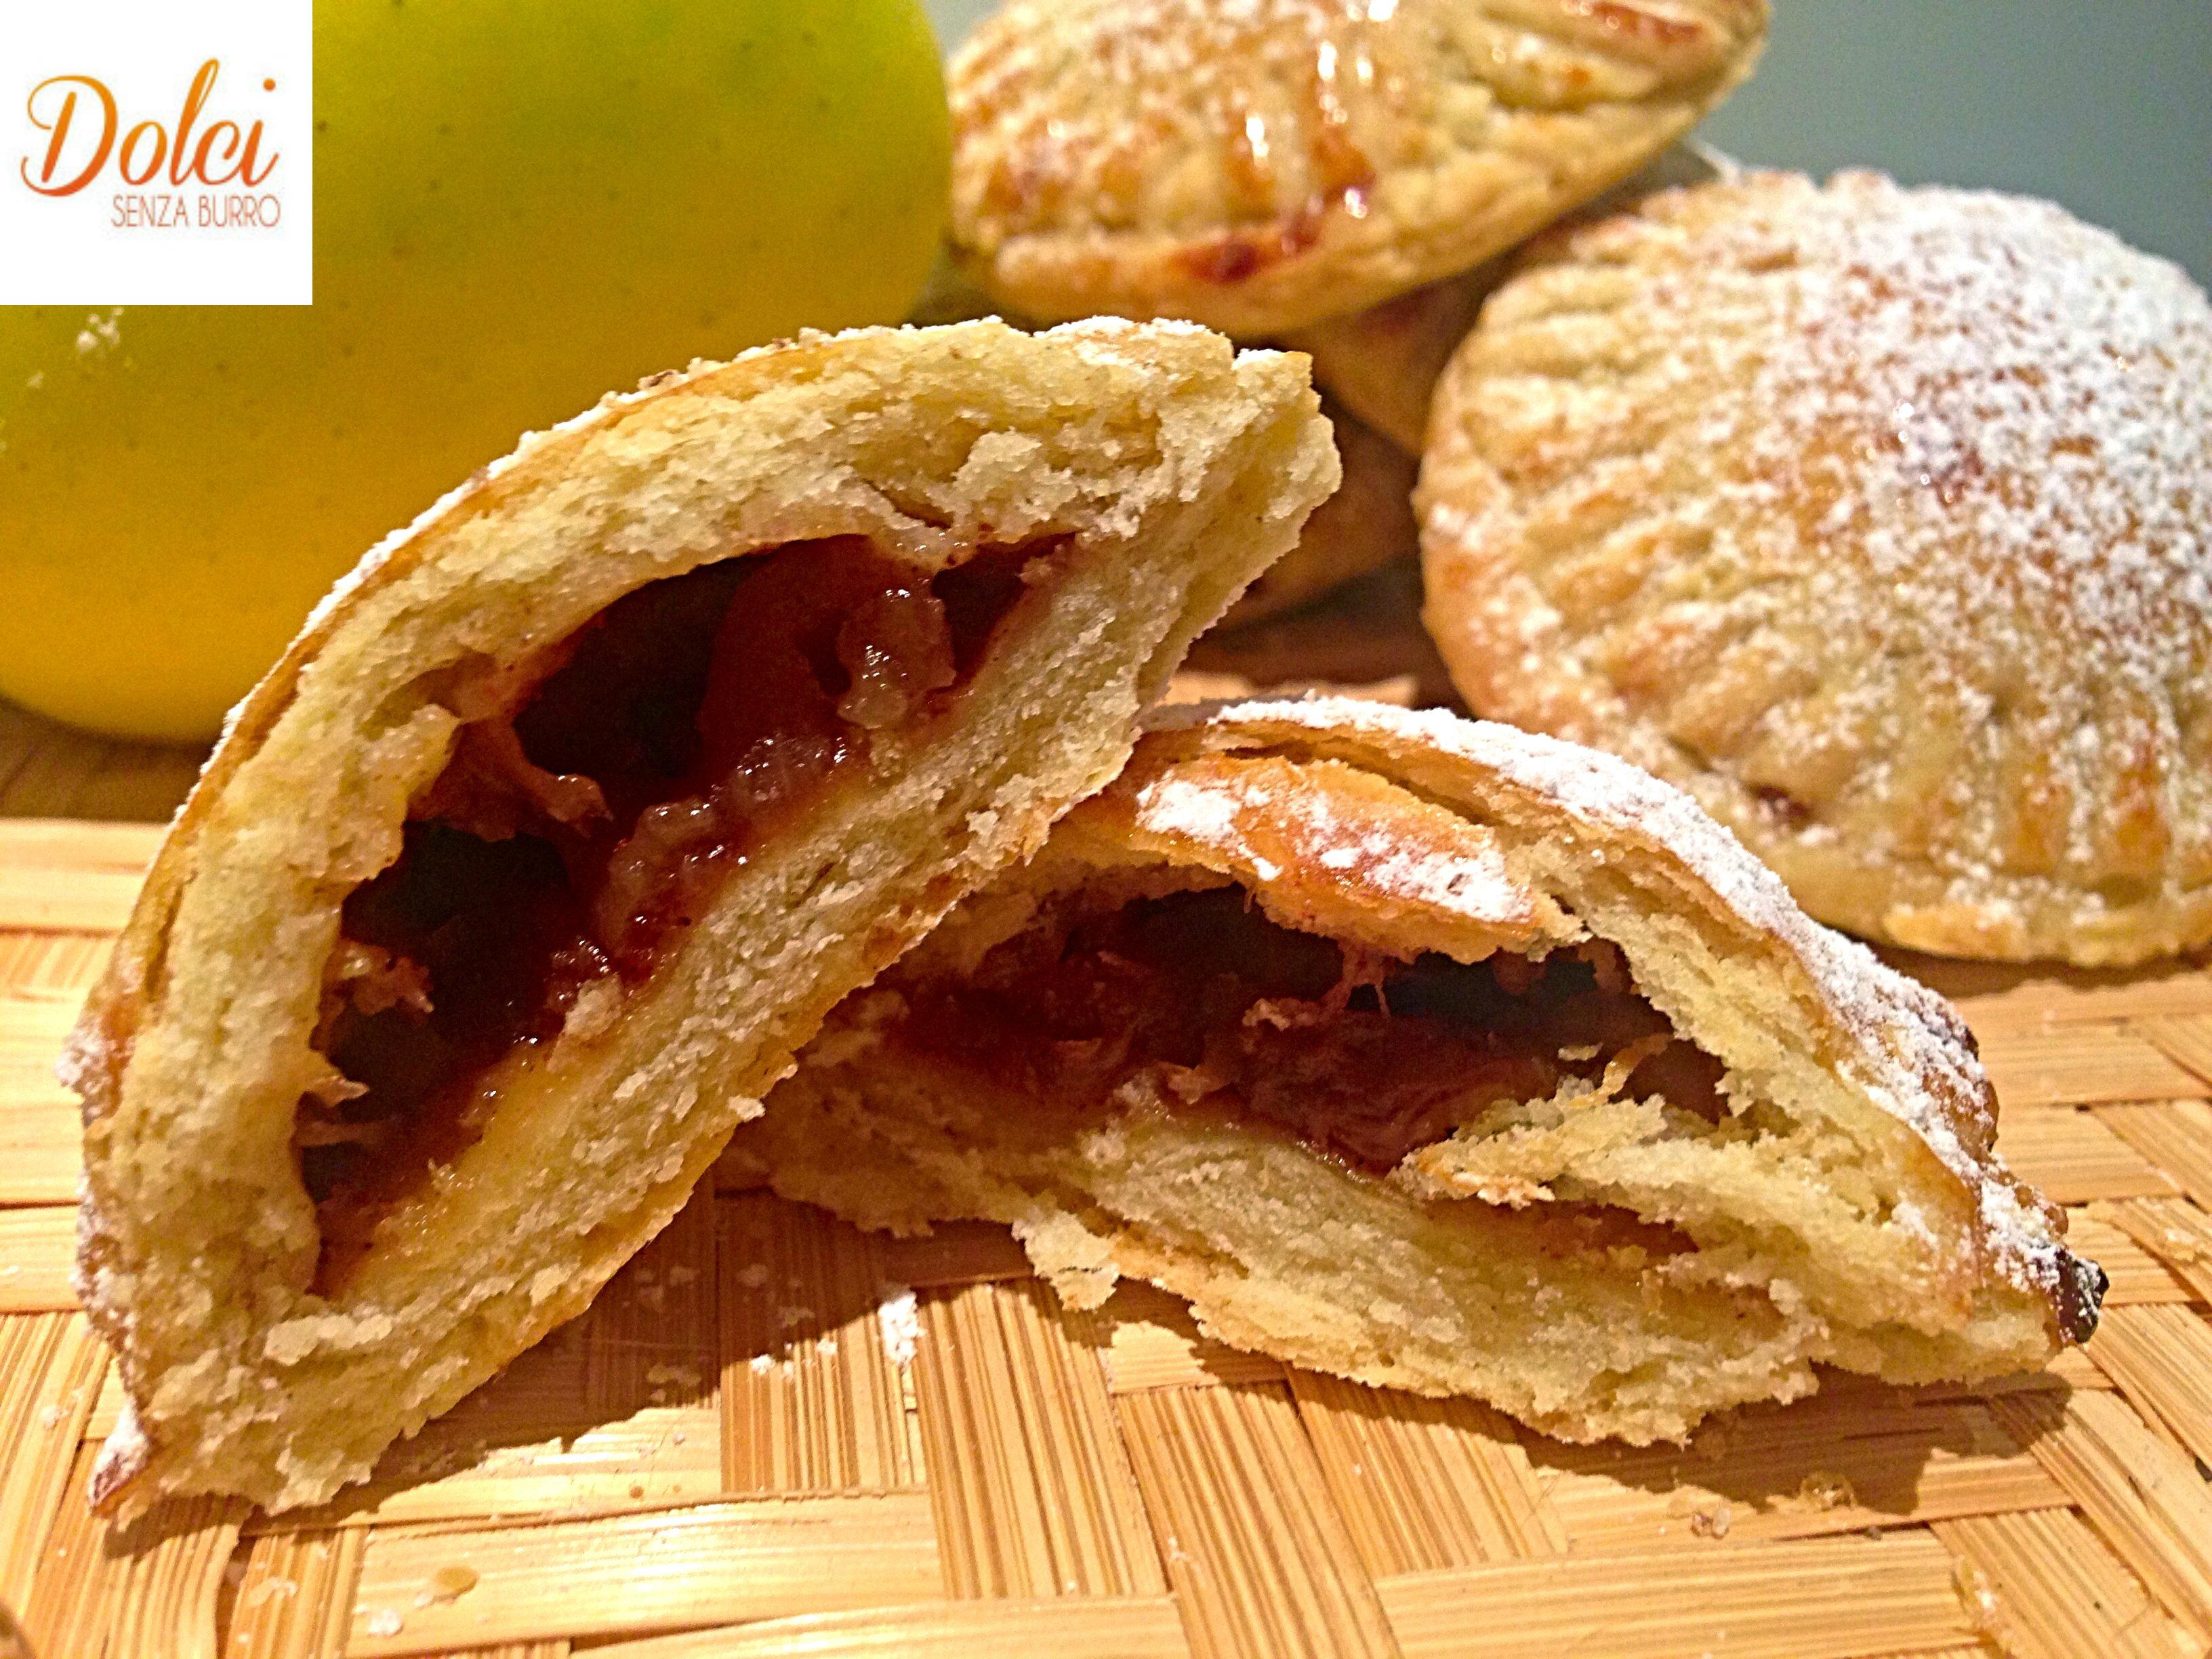 Biscotti Cuor di Mela Senza Burro e Uova, i biscotti light e golosi di dolci senza burro